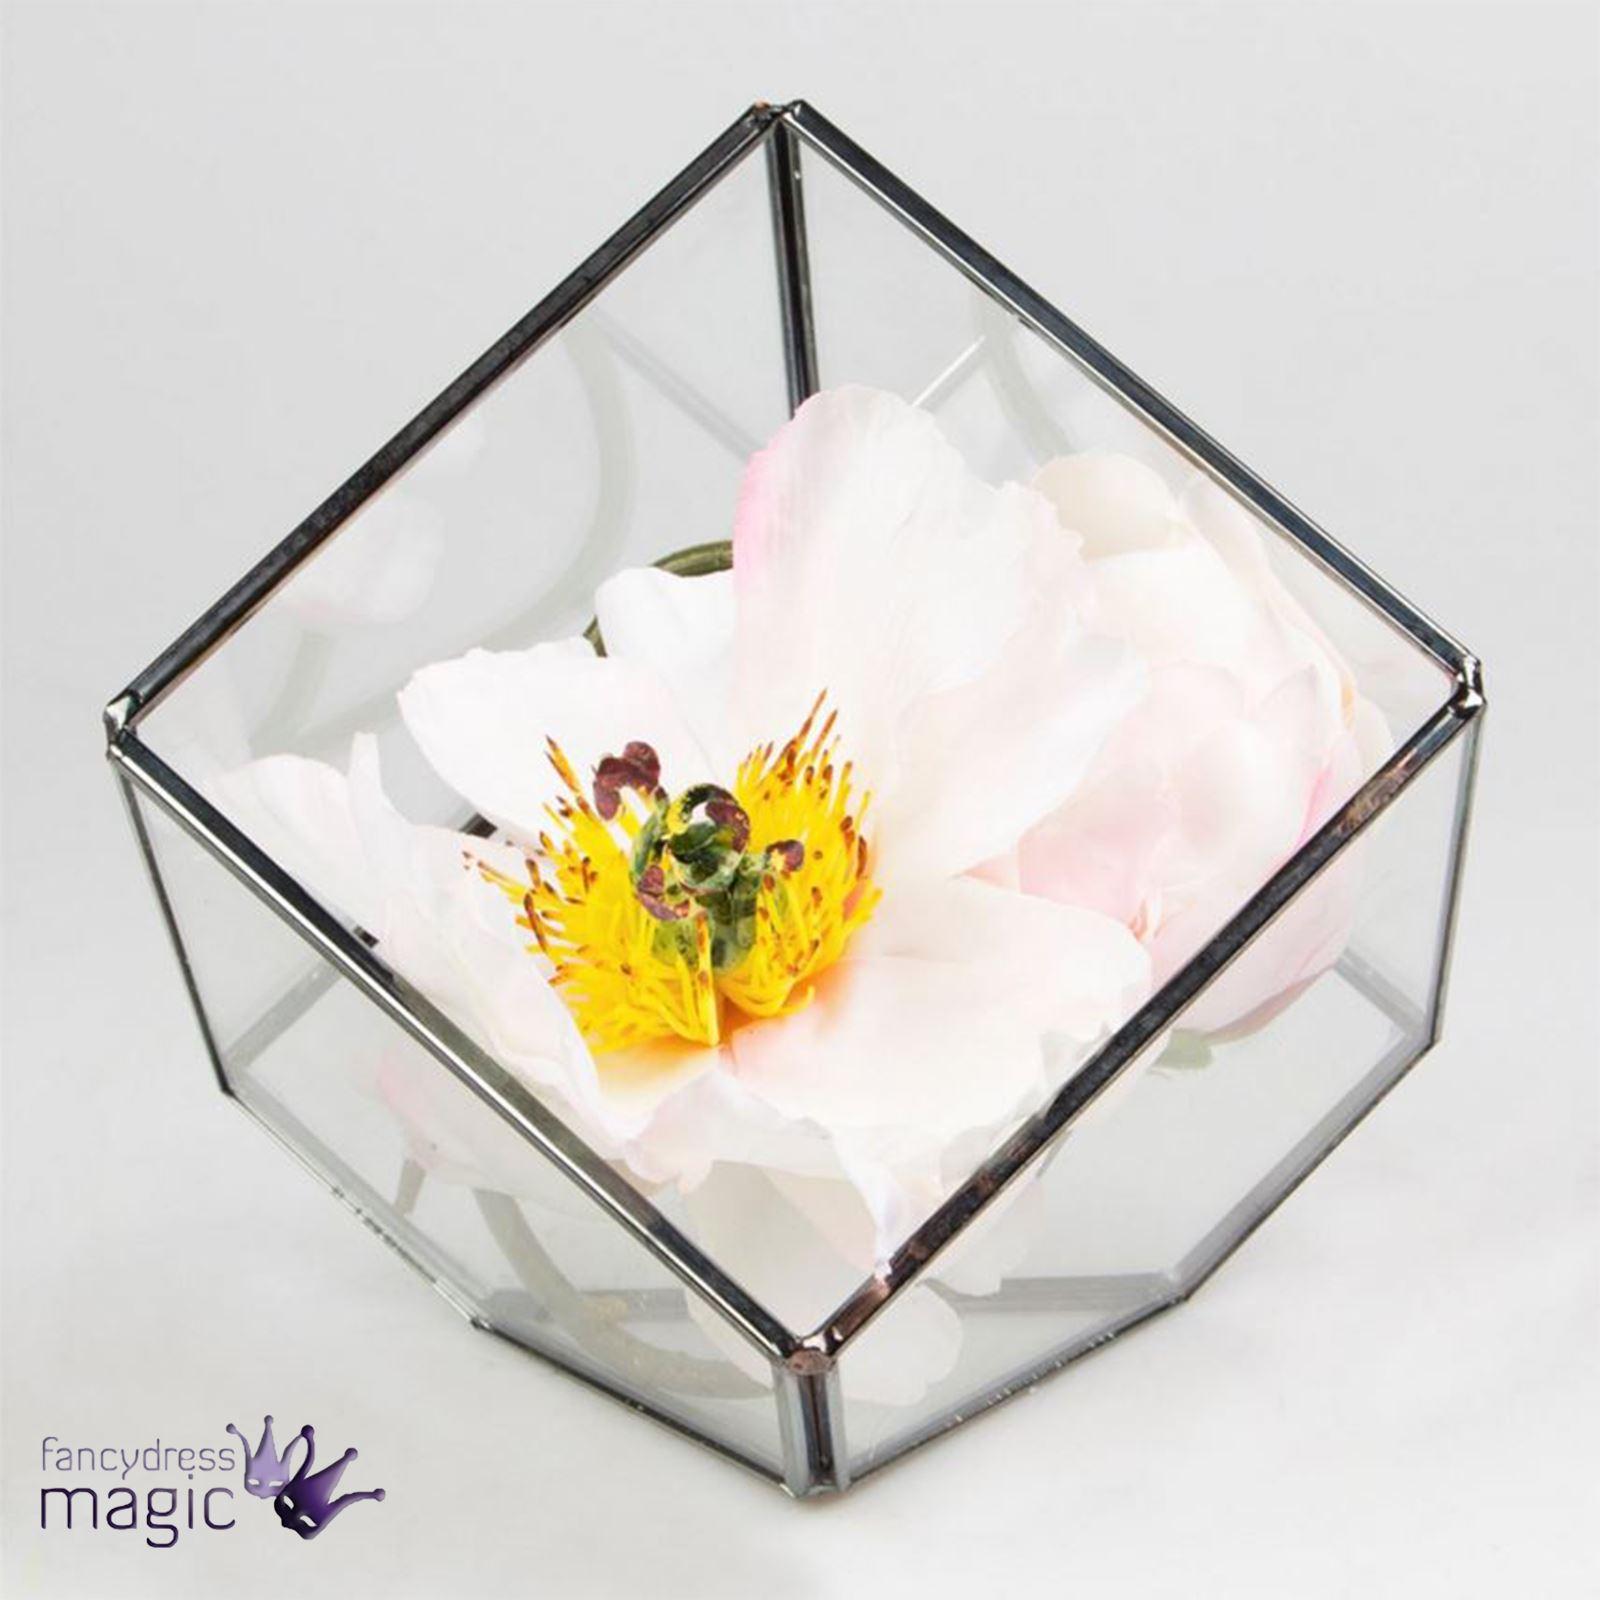 sass belle schwarz terrarium geometrisch glas succulent pflanzen pflanzgef ebay. Black Bedroom Furniture Sets. Home Design Ideas